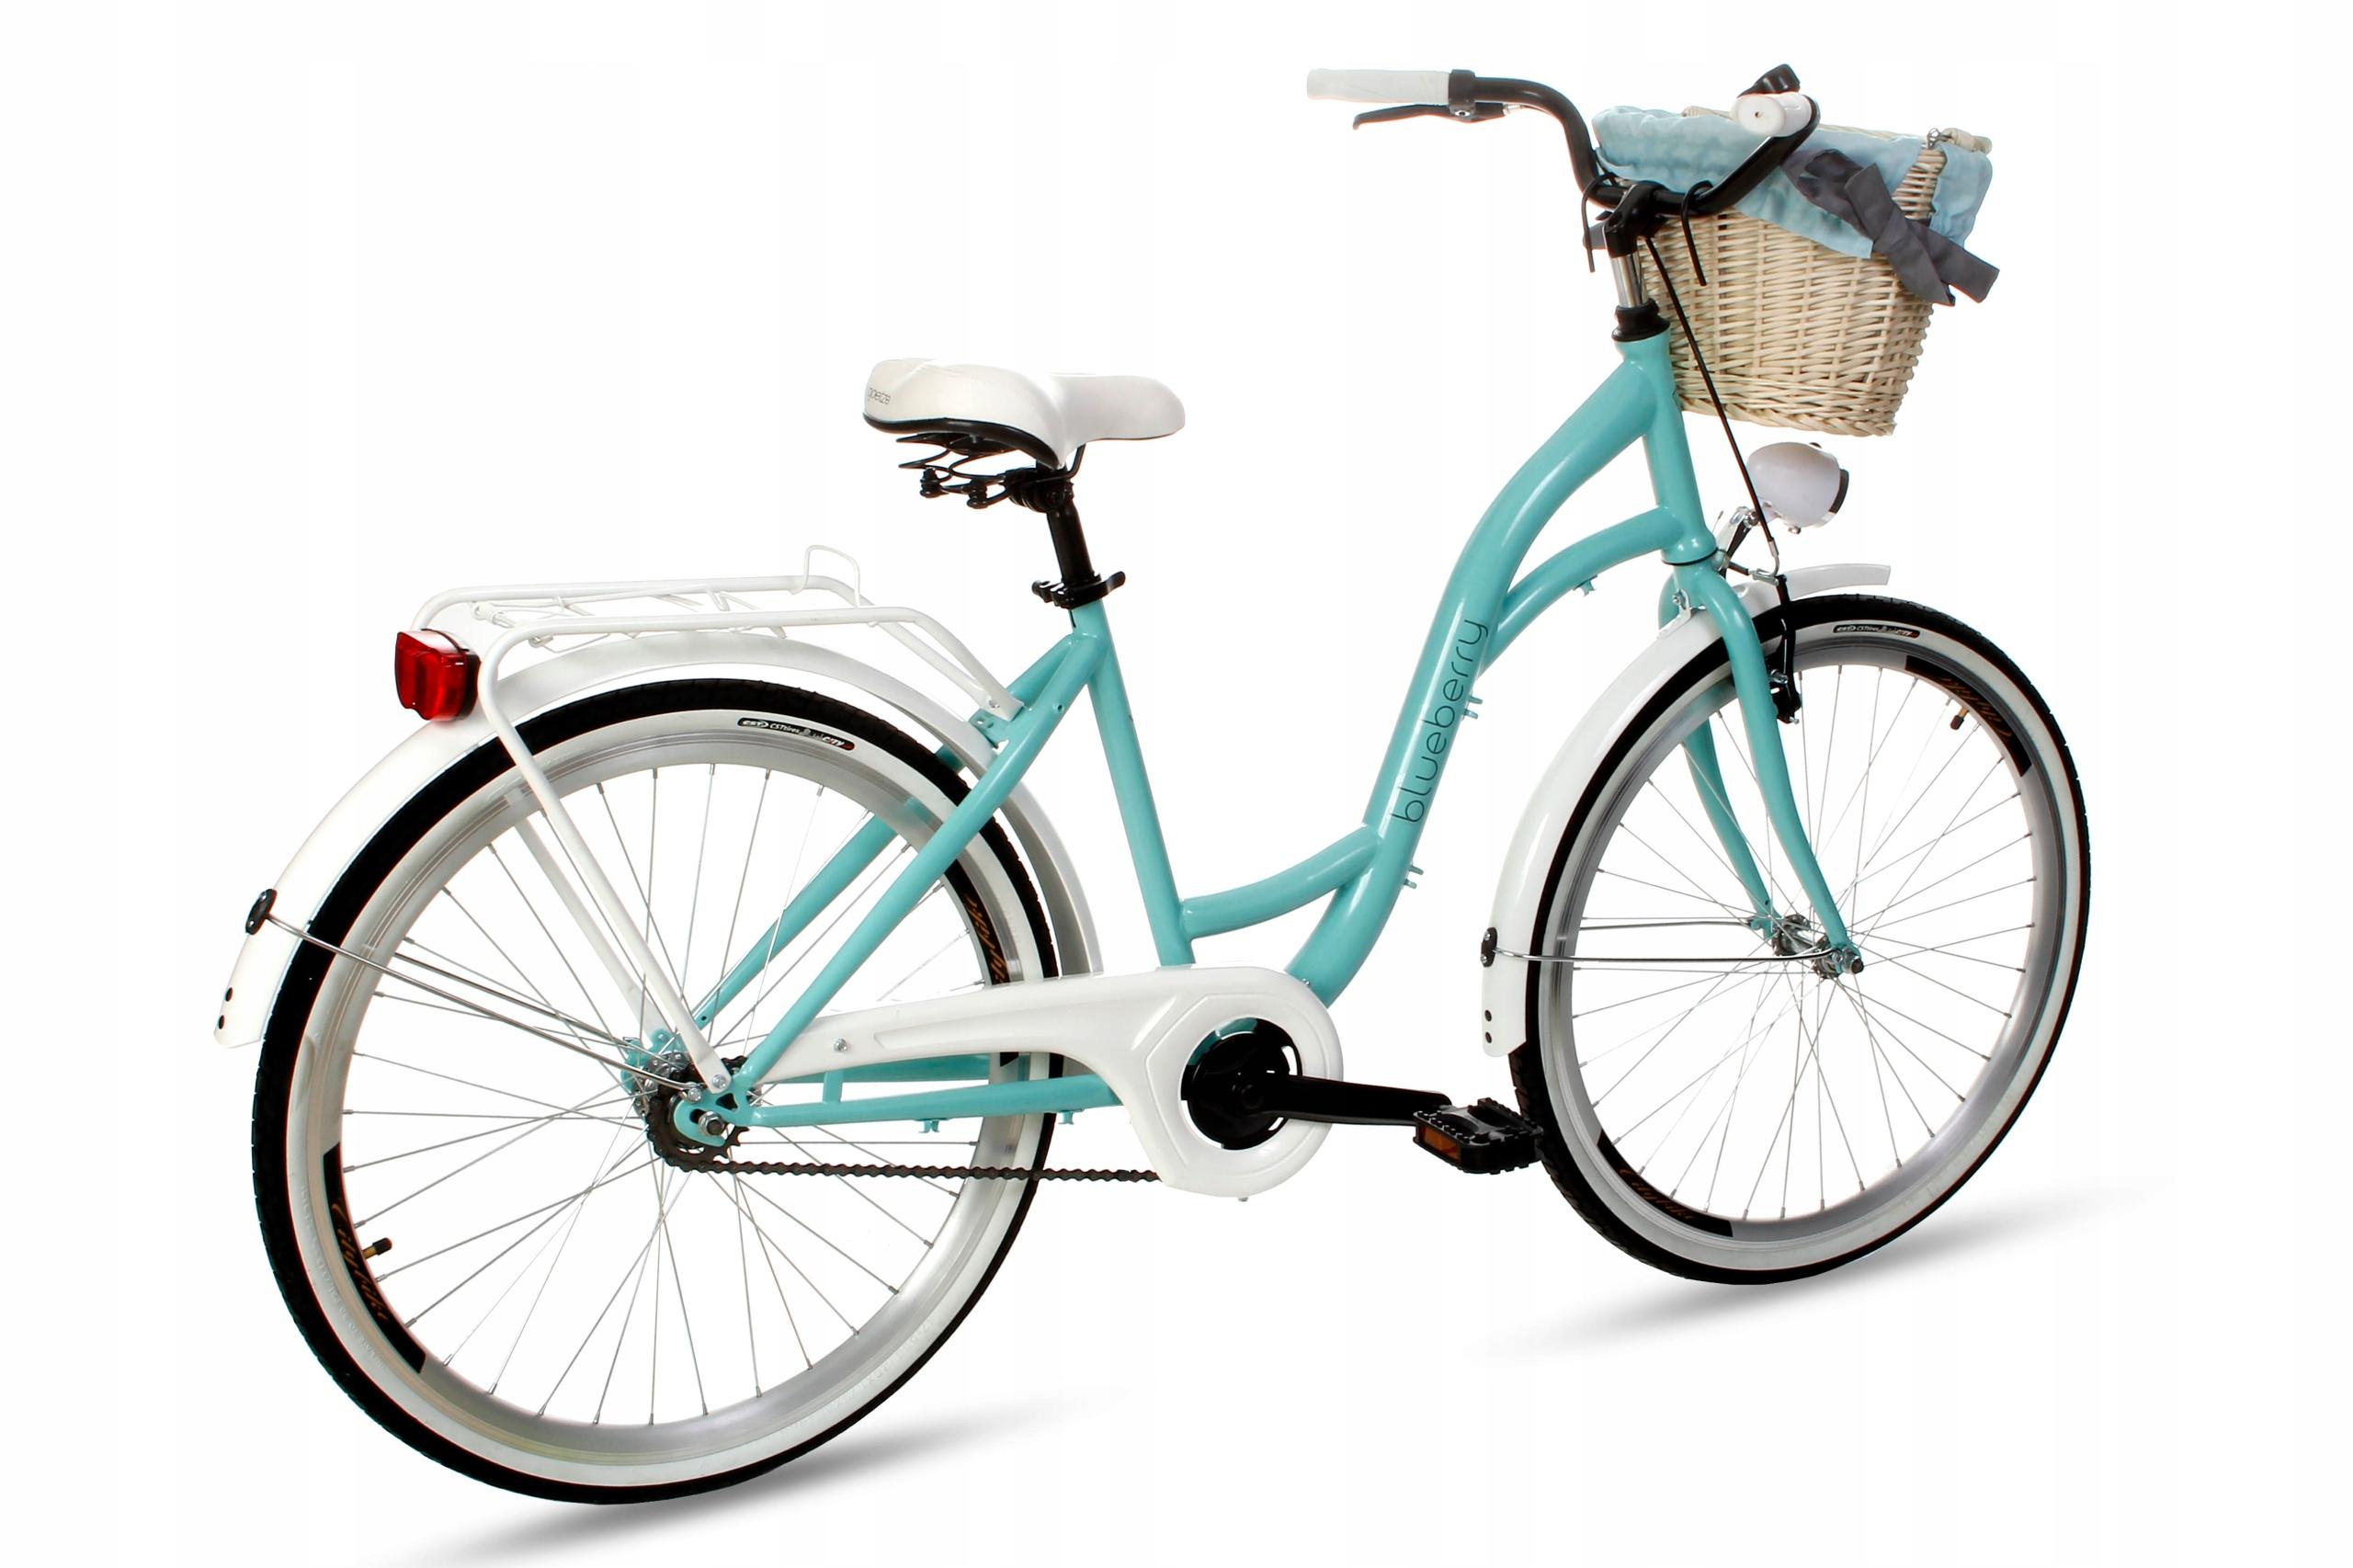 Dámsky mestský bicykel Goetze BLUEBERRY 26 košík!  Váha 16 kg